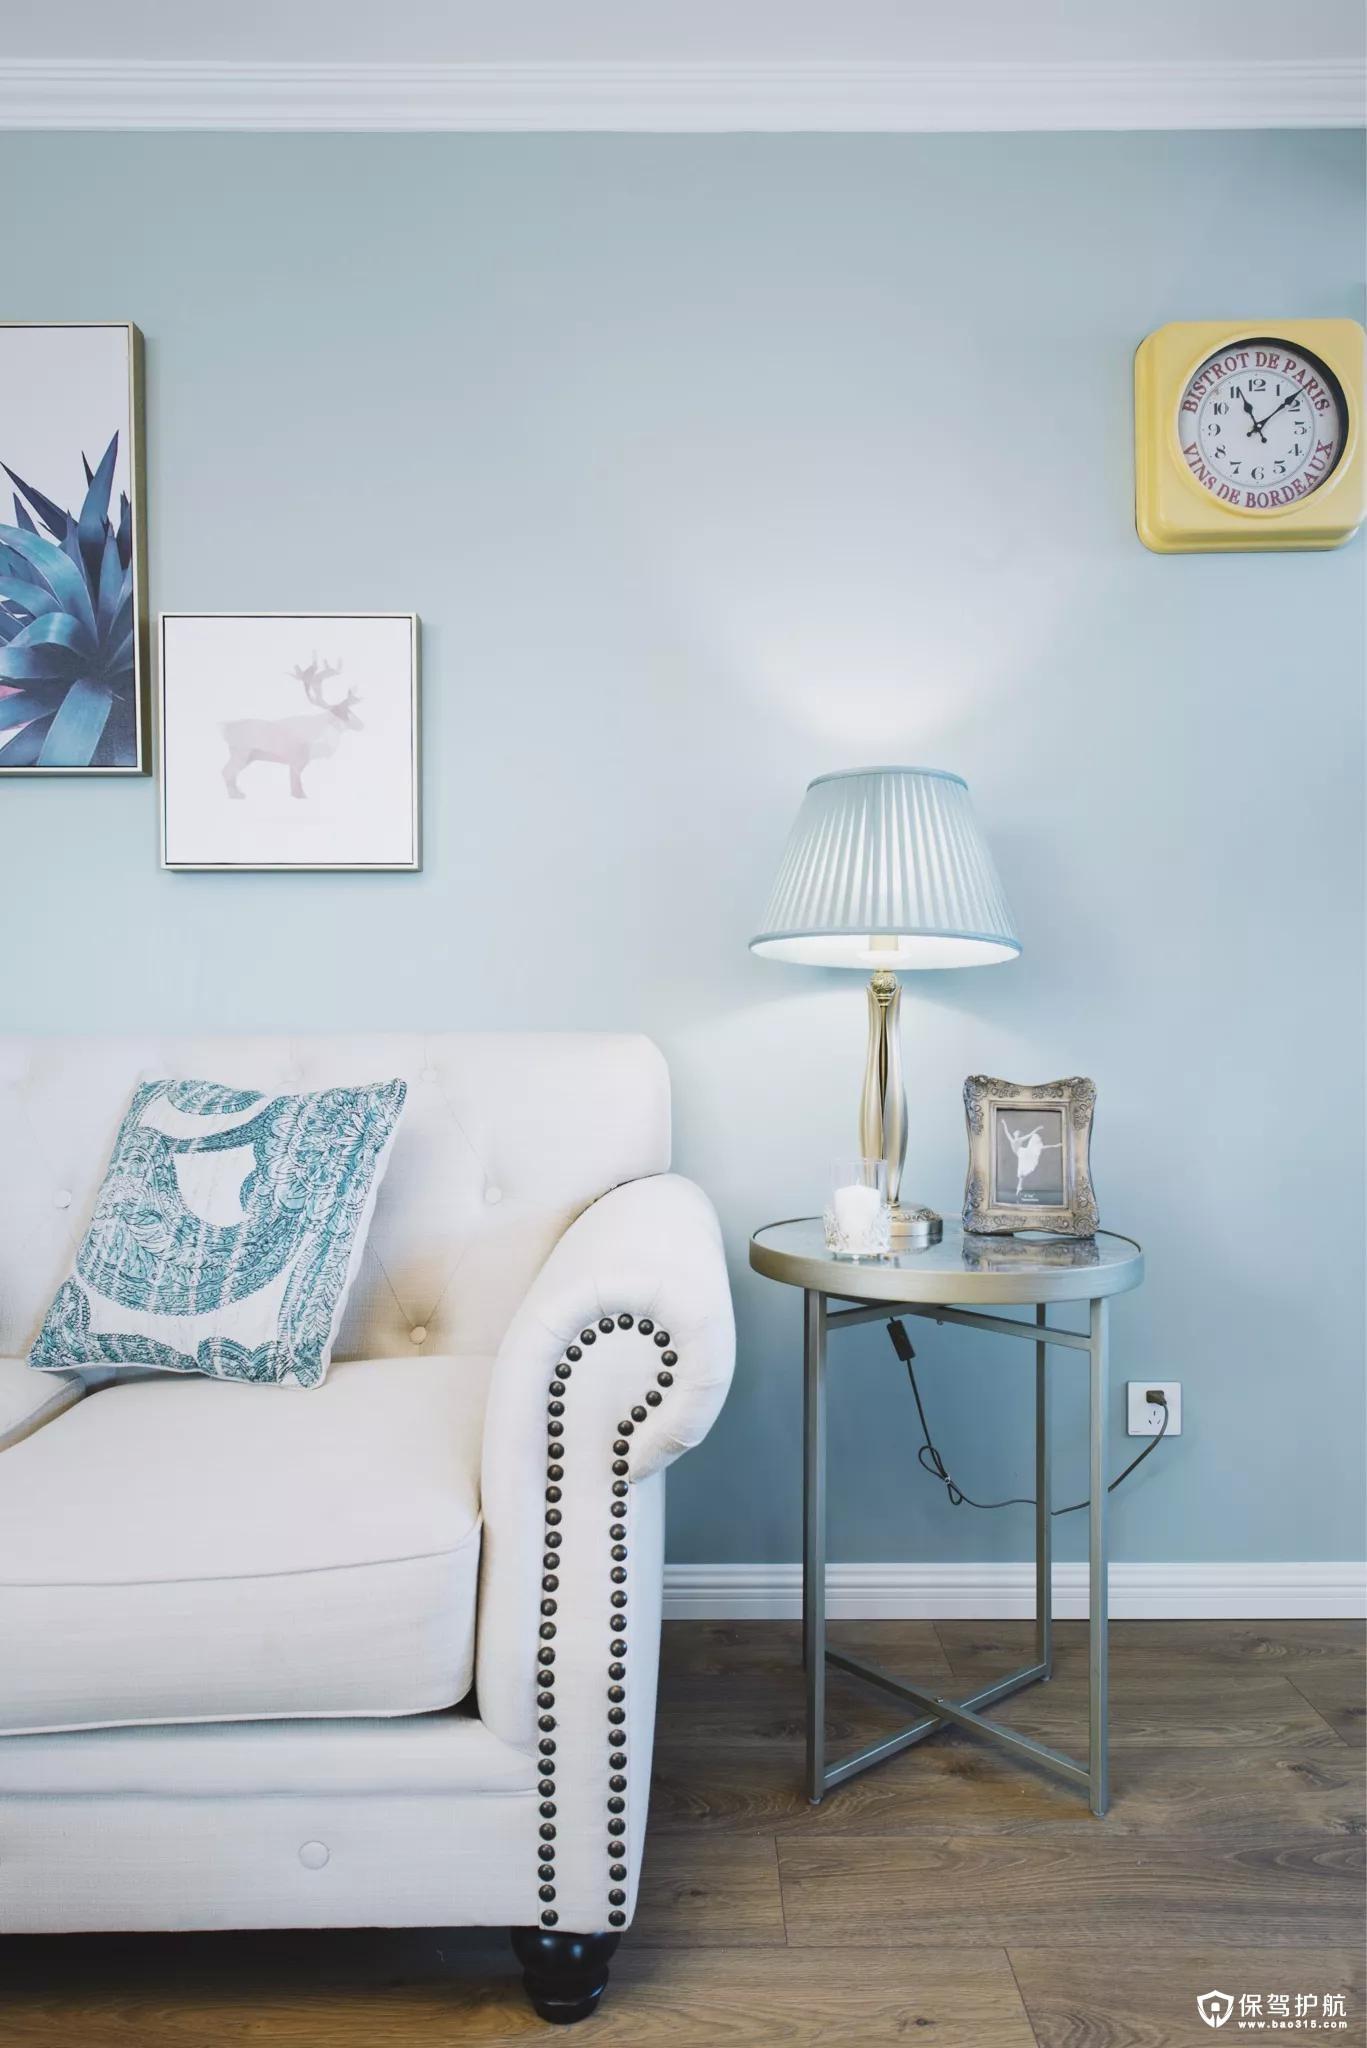 沙发墙的另一侧是一张小边几,然后上方再挂一个黄色的挂钟,让为空间引入了一点活泼的元素。